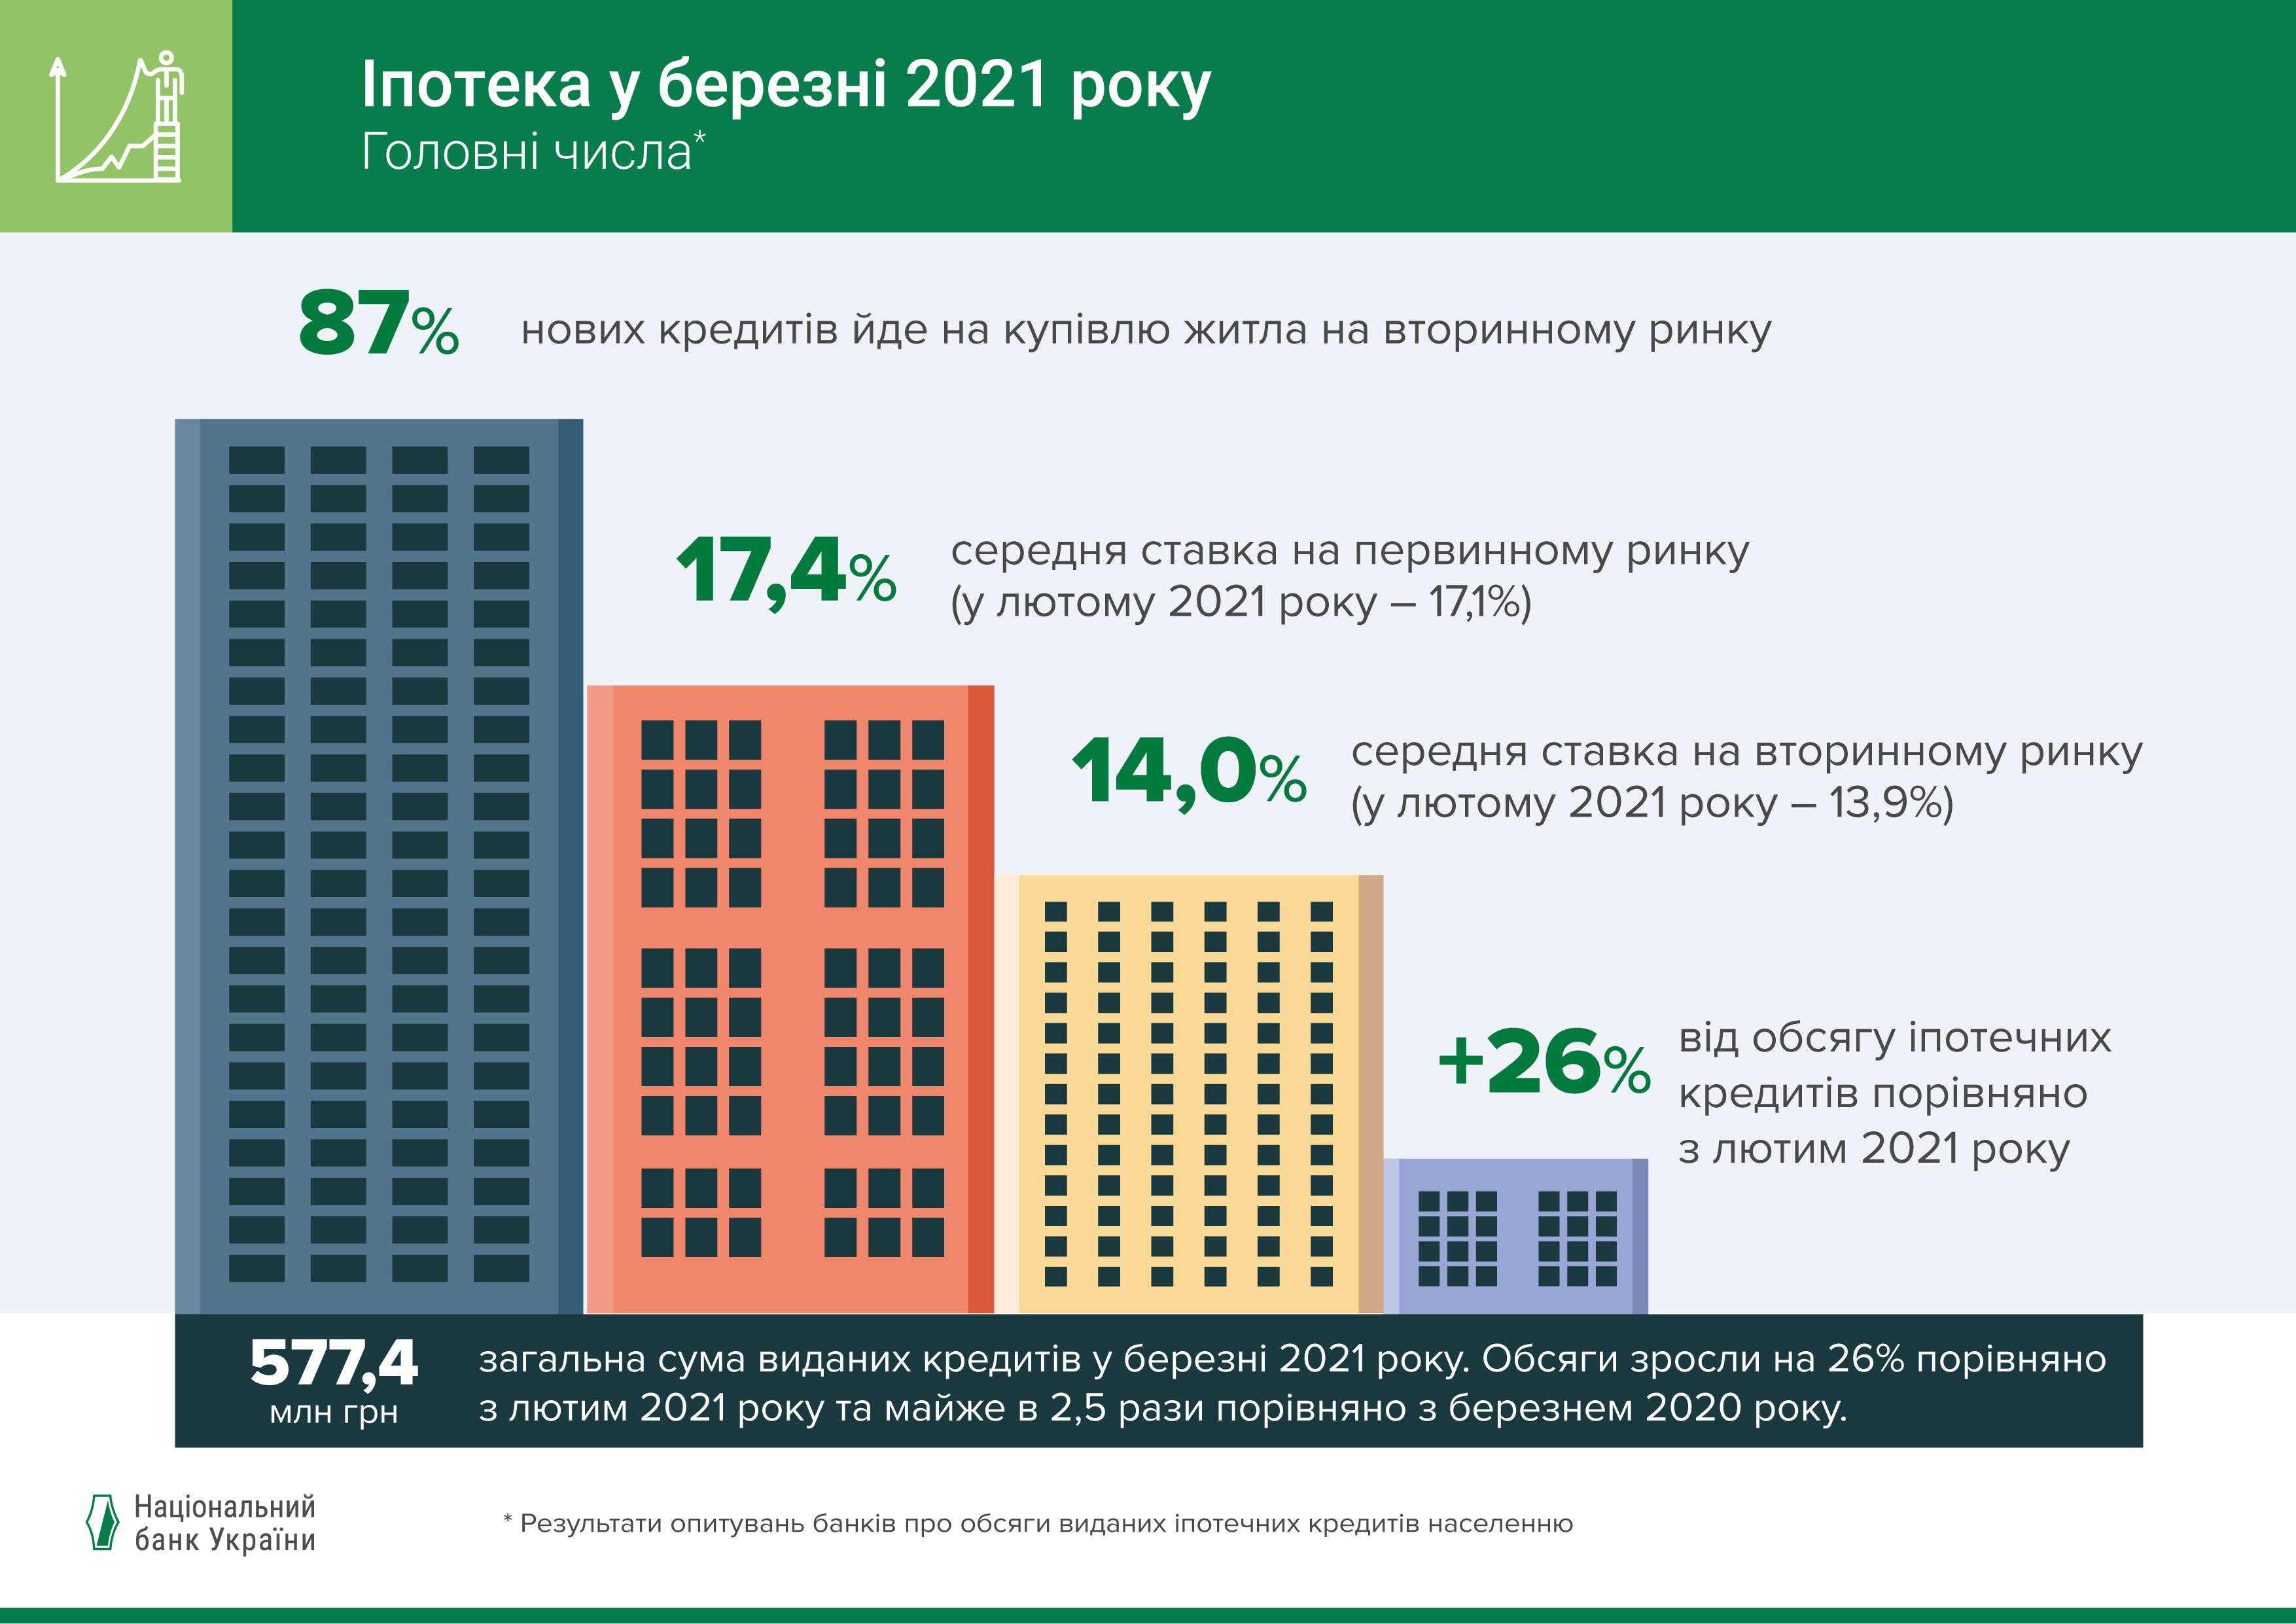 Обсяги виданих іпотечних кредитів подвоїлися у І кварталі 2021 року – результати опитування банків